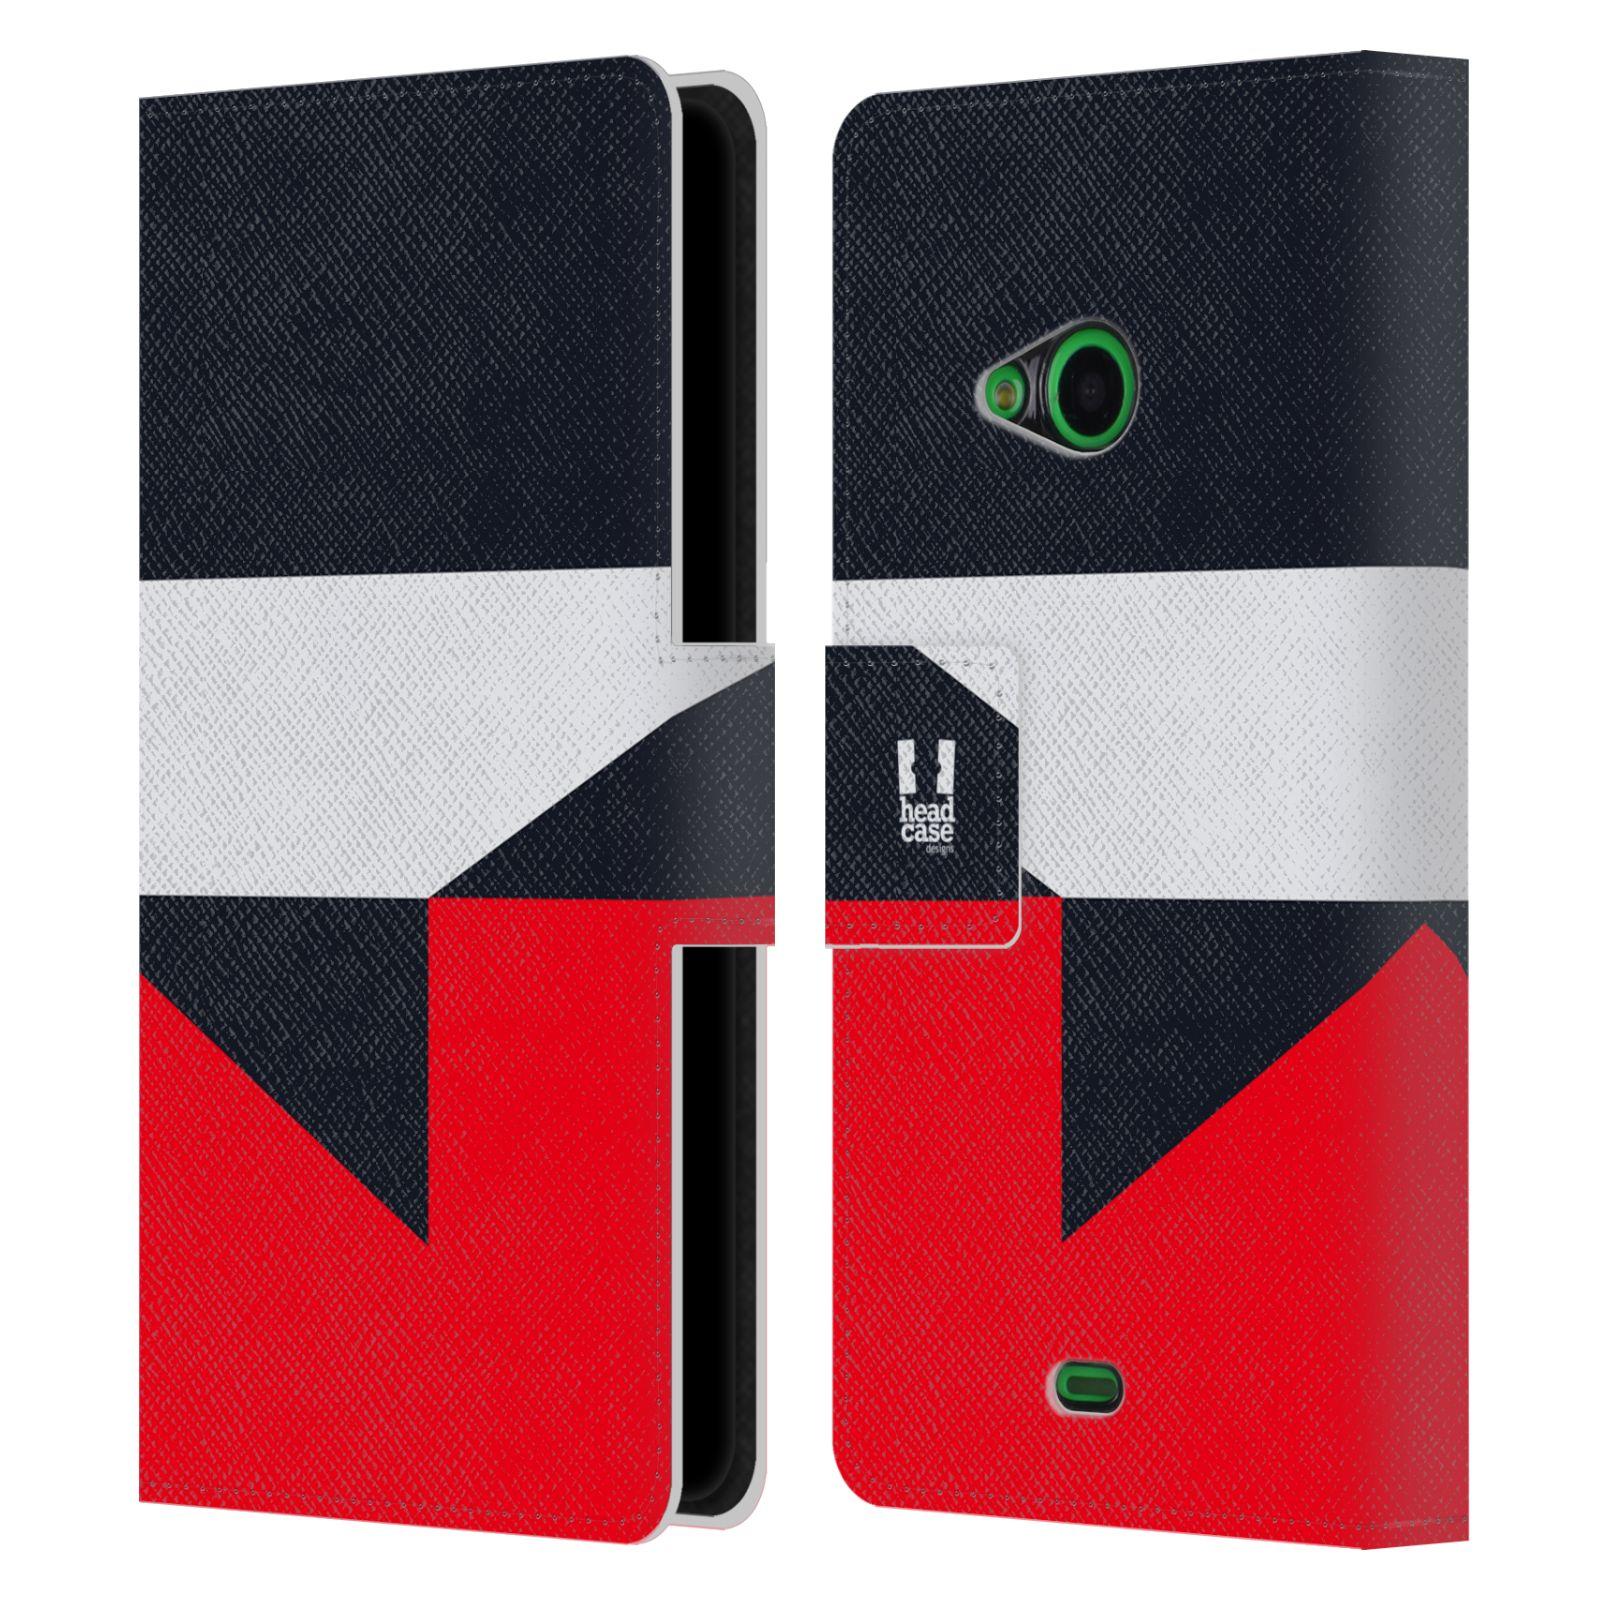 HEAD CASE Flipové pouzdro pro mobil Nokia LUMIA 535 barevné tvary černá a červená gejša